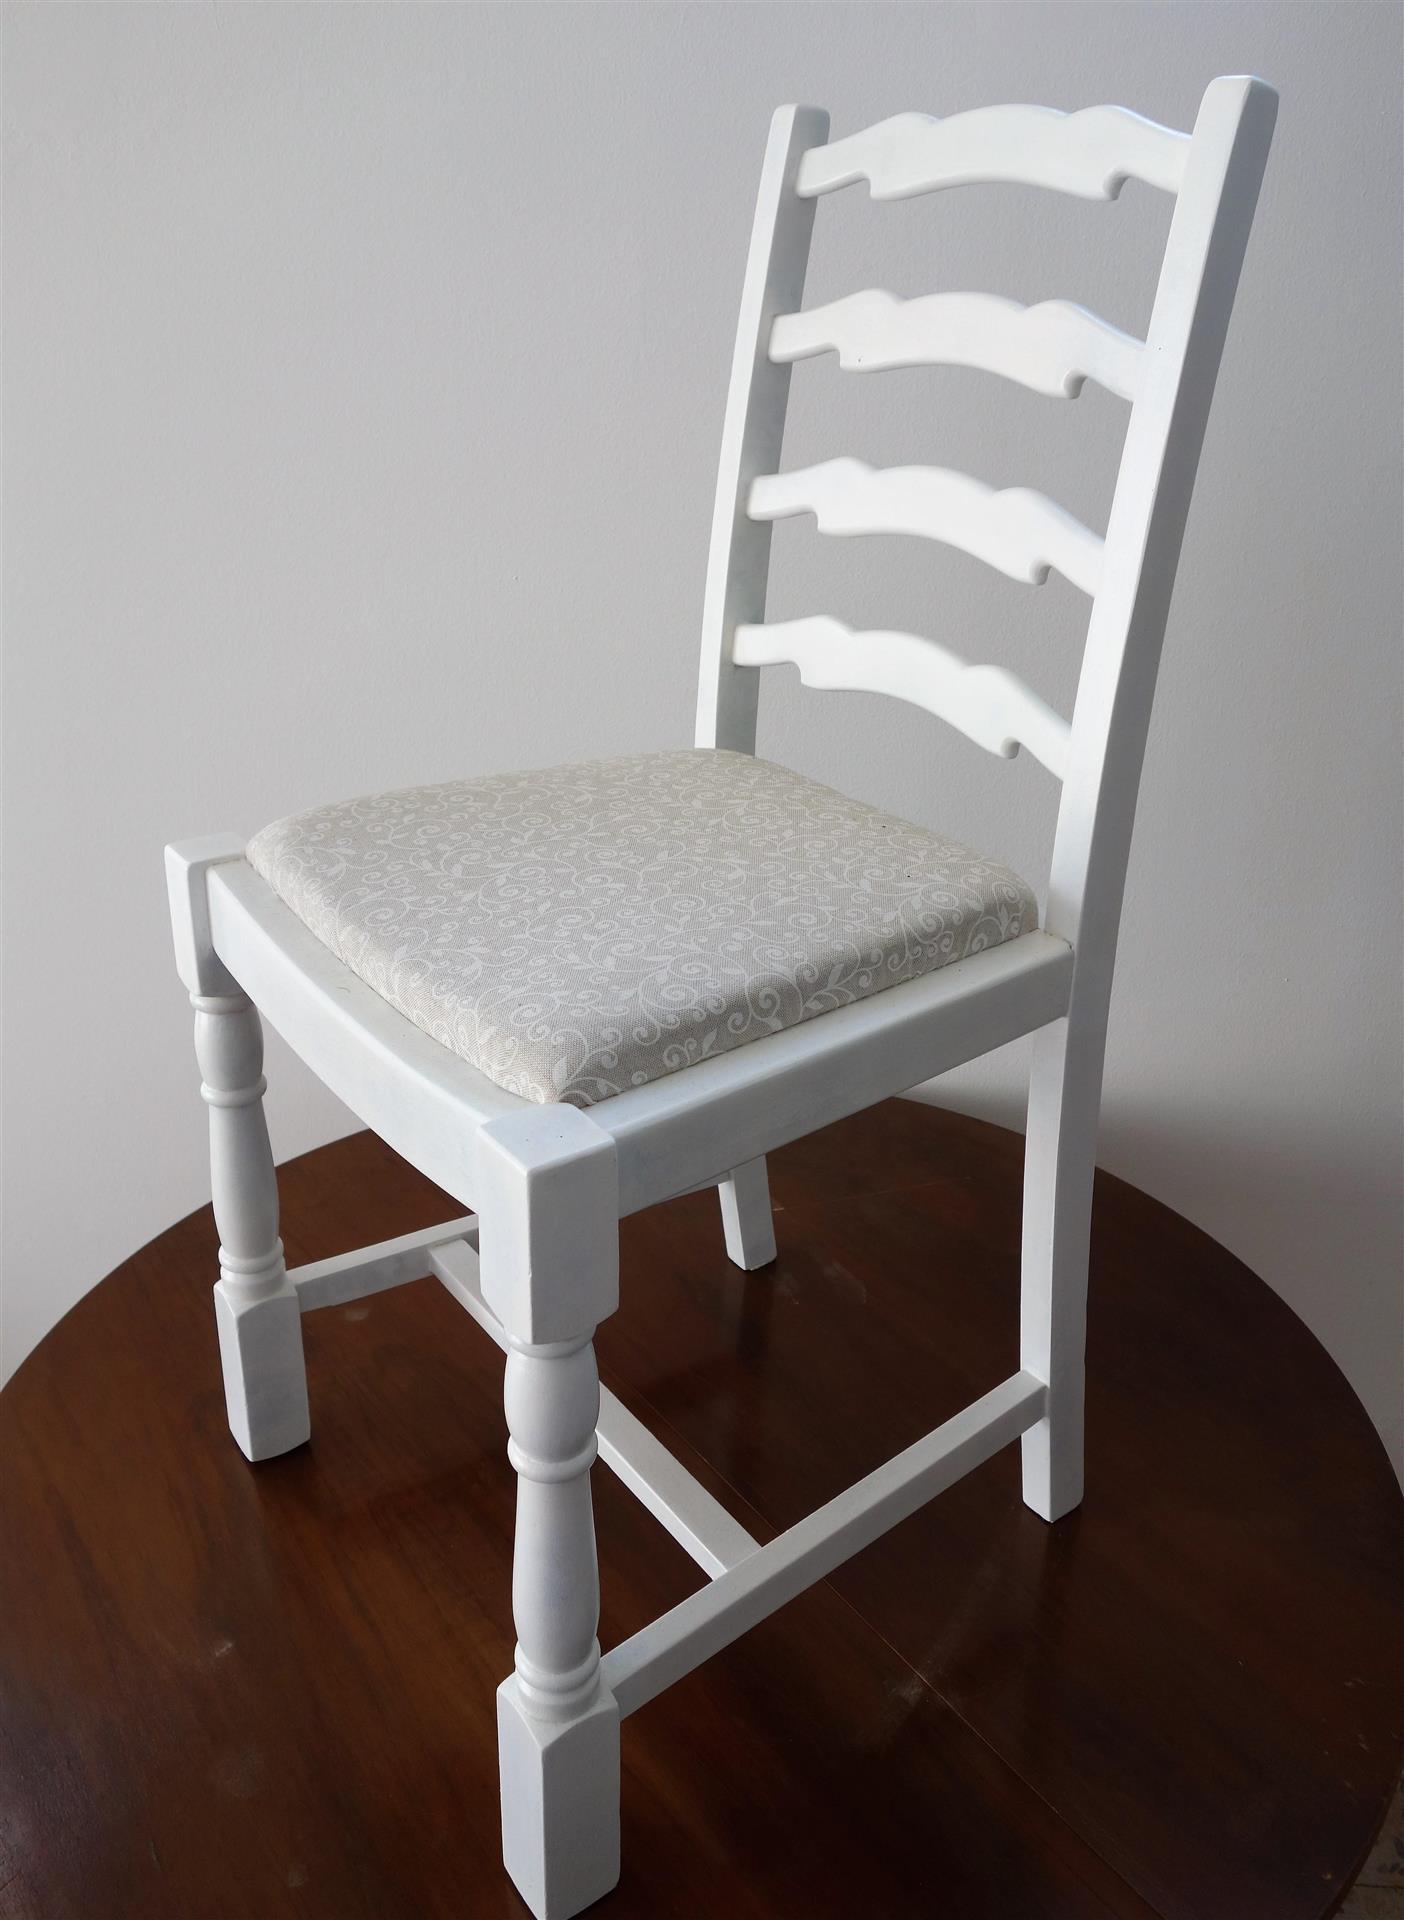 Ropotarnica - pohištvo - obnova - učne delavnice